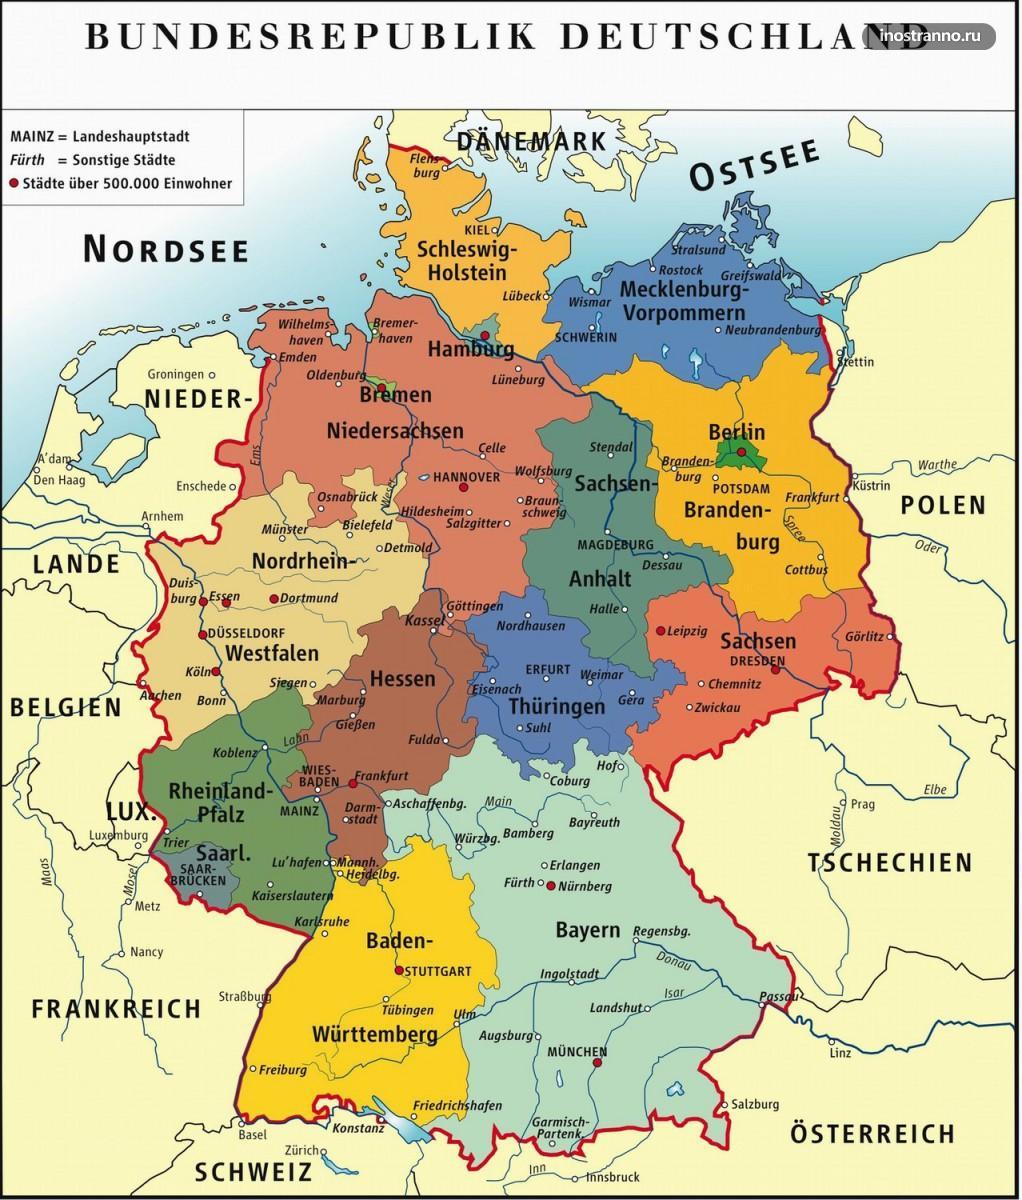 карта германии на русском языке